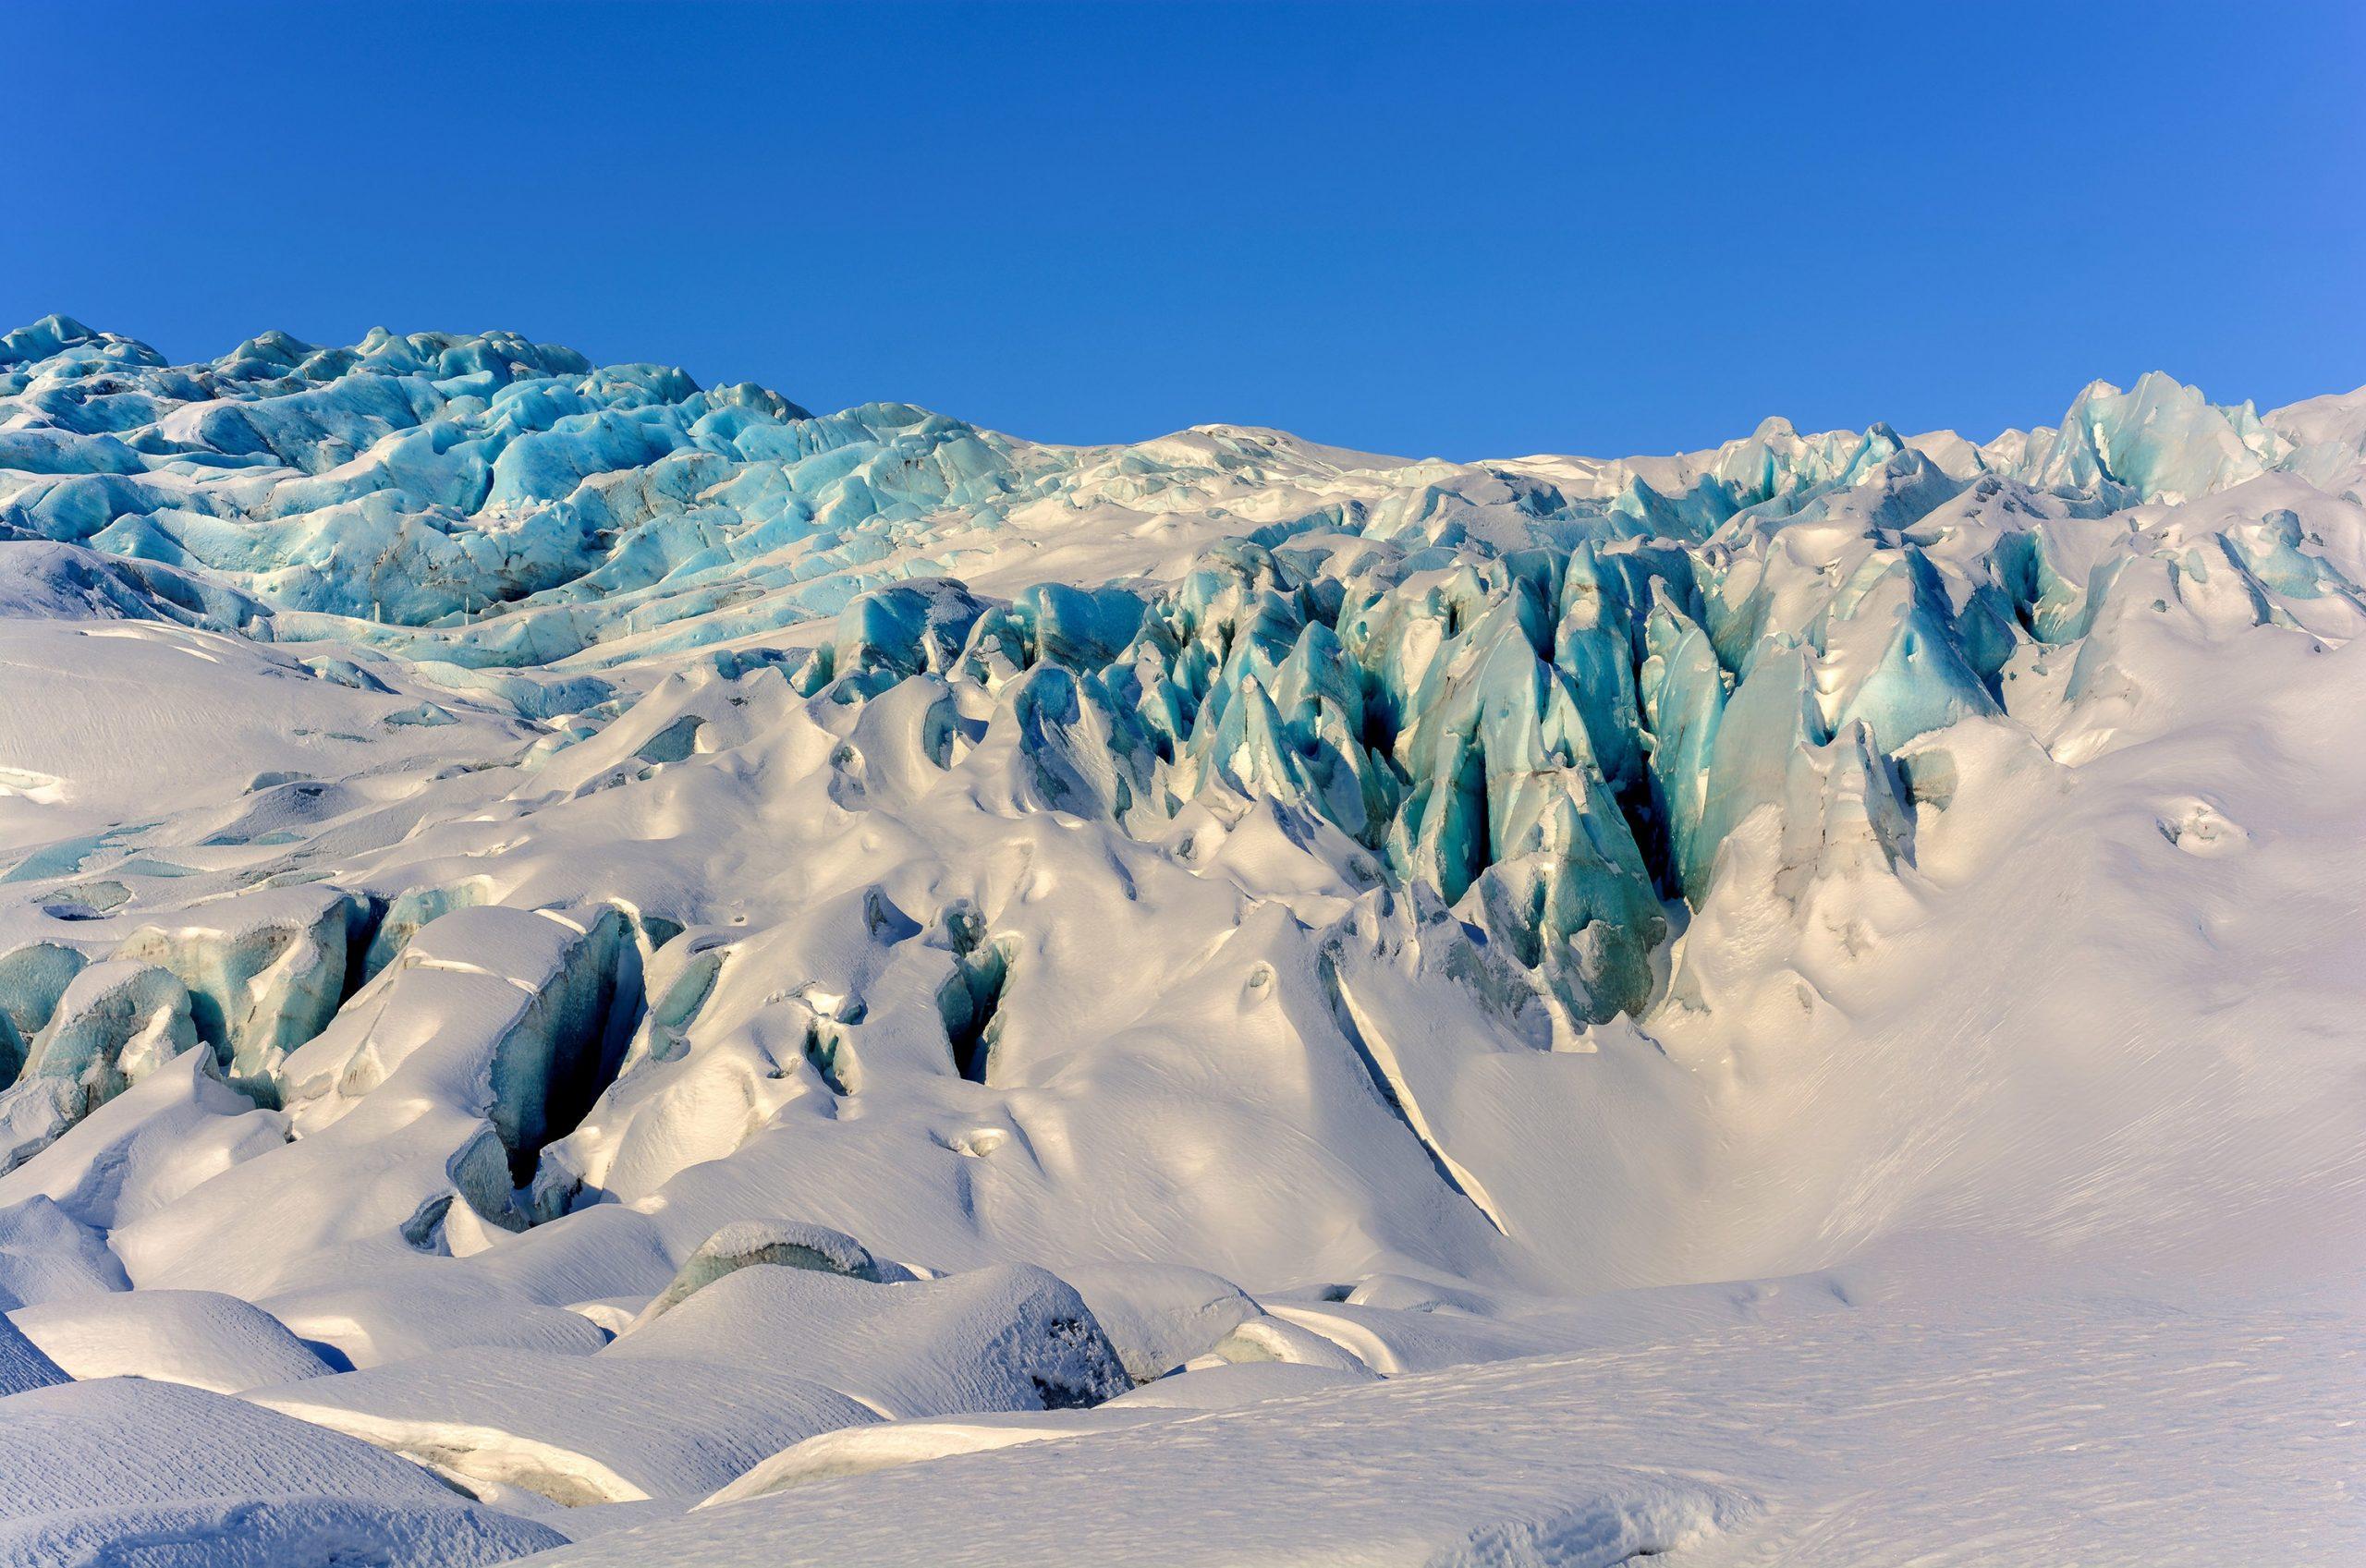 Bilde av Vatnajökull (Fláajökull) på Island. Fotografert av Thorvardur Arnason